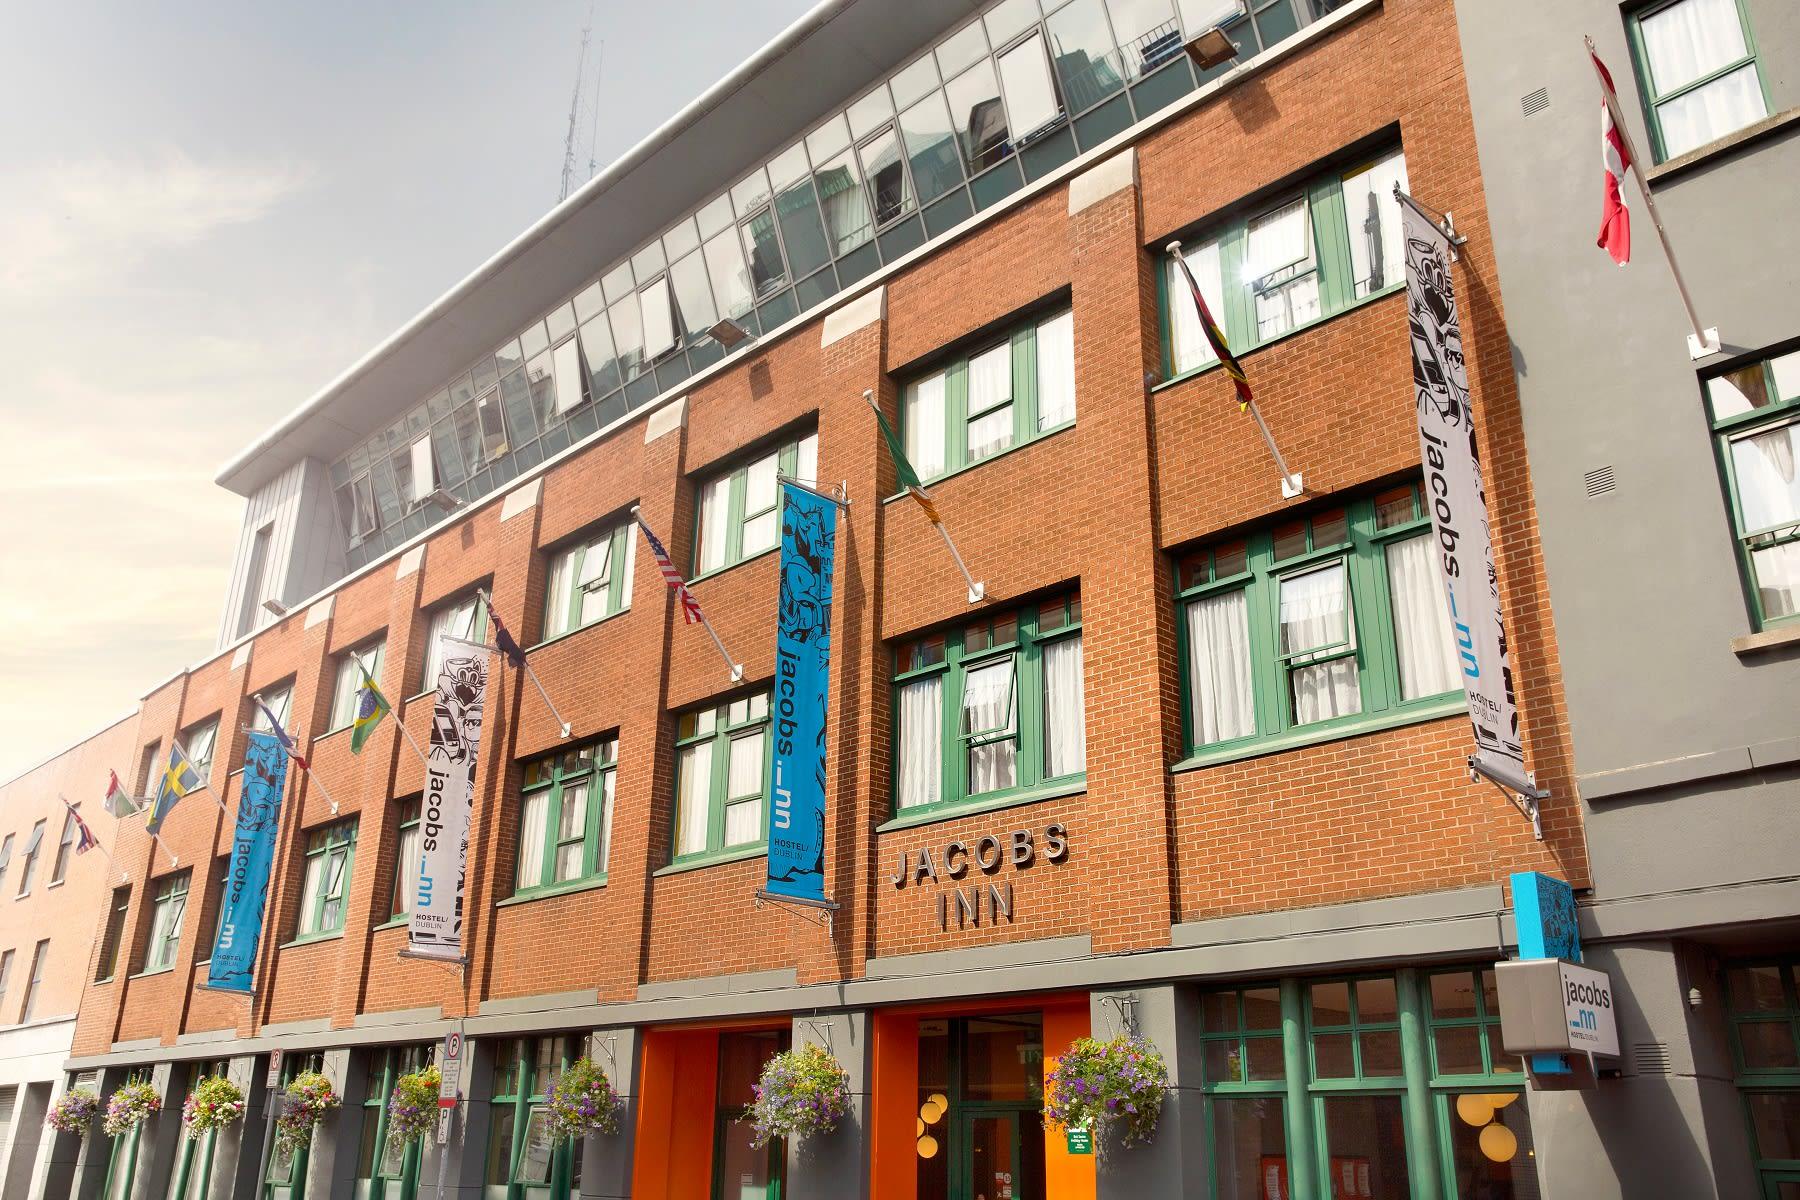 HOSTEL - Jacobs Inn